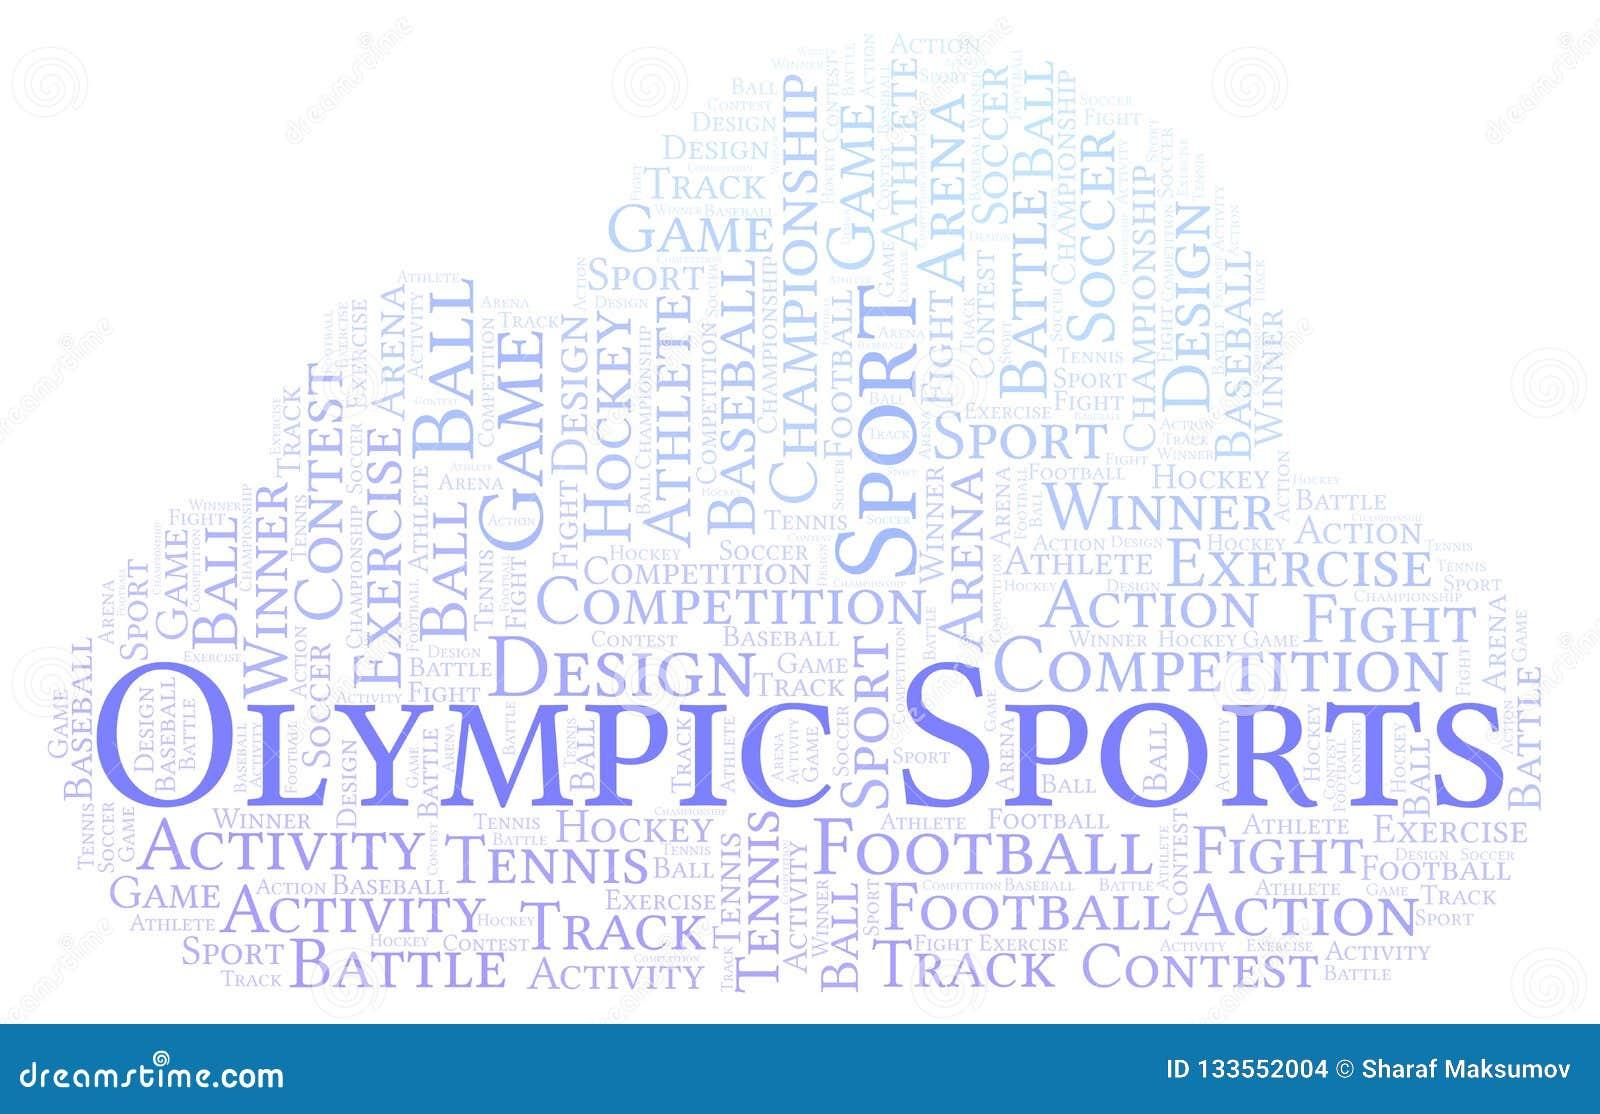 Olimpijska sporta słowa chmura